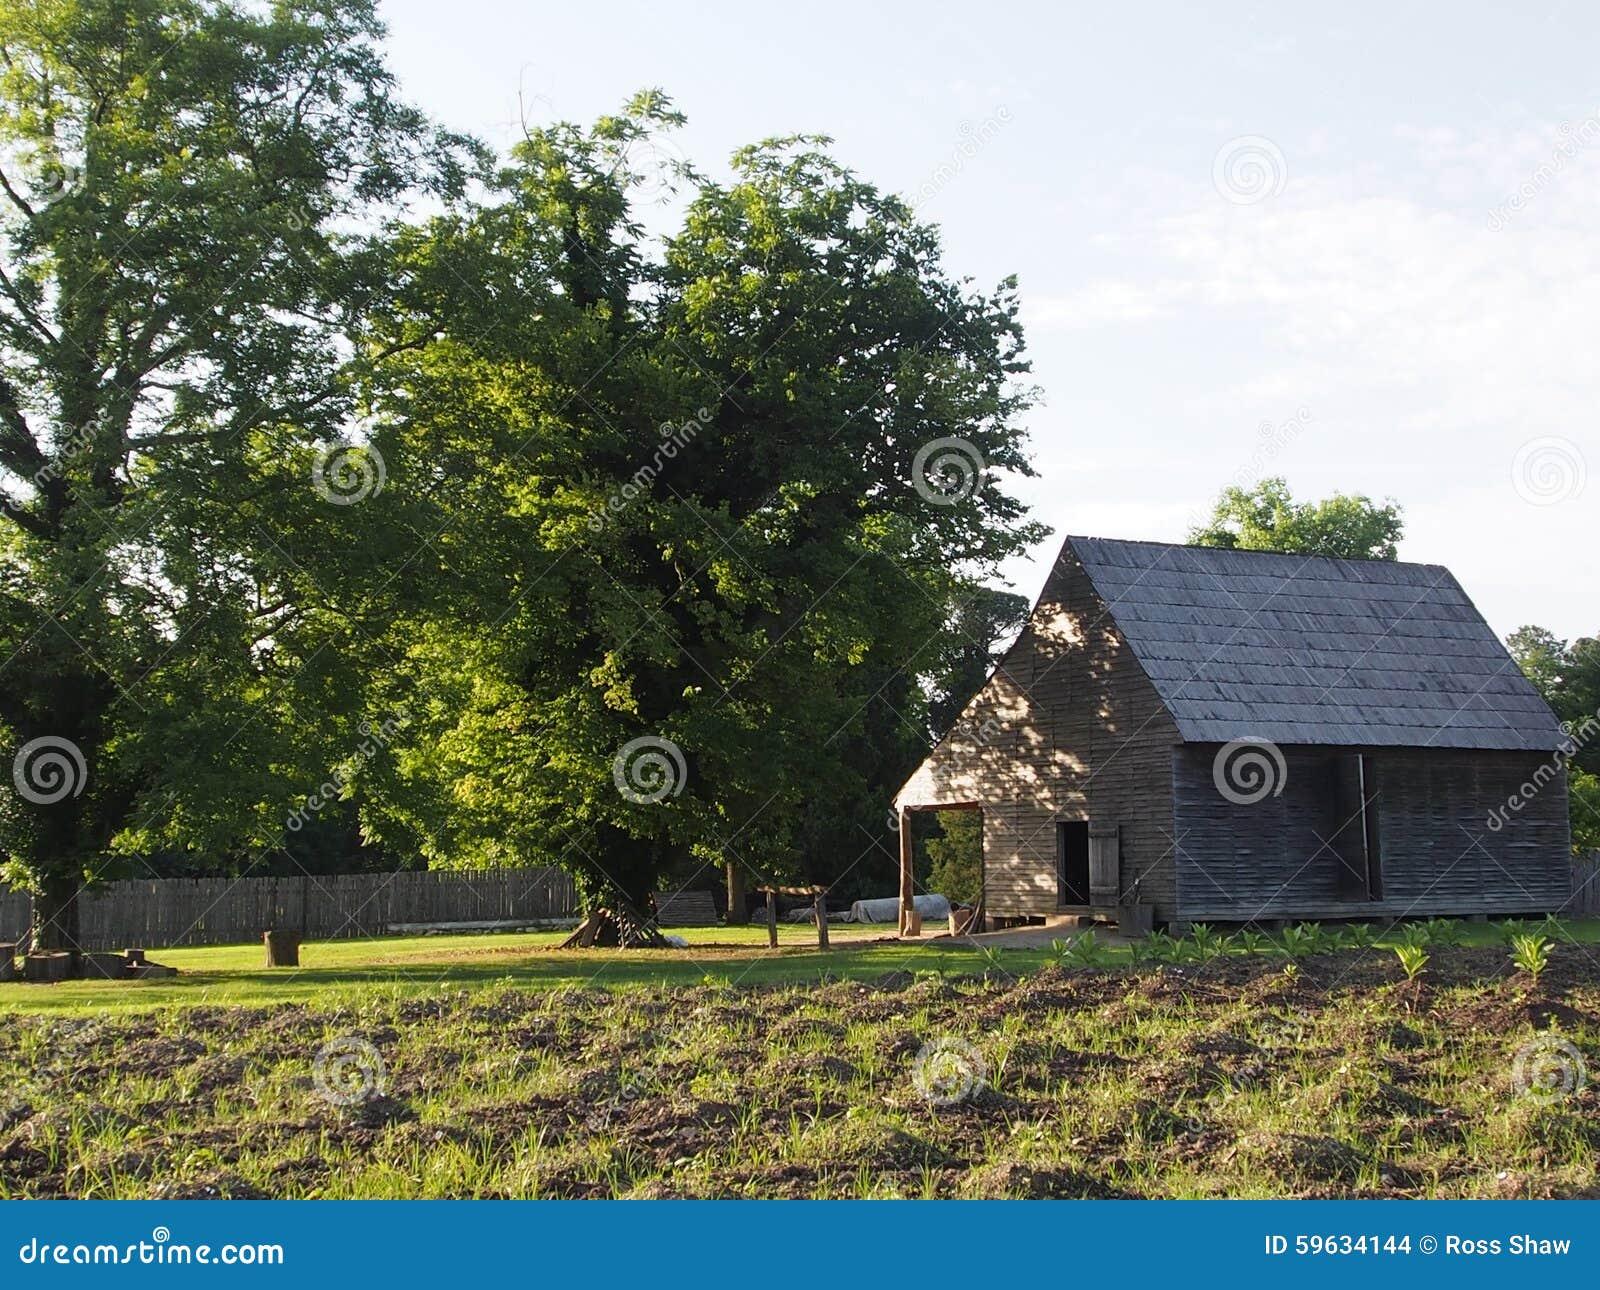 The tobacco barn sits ...